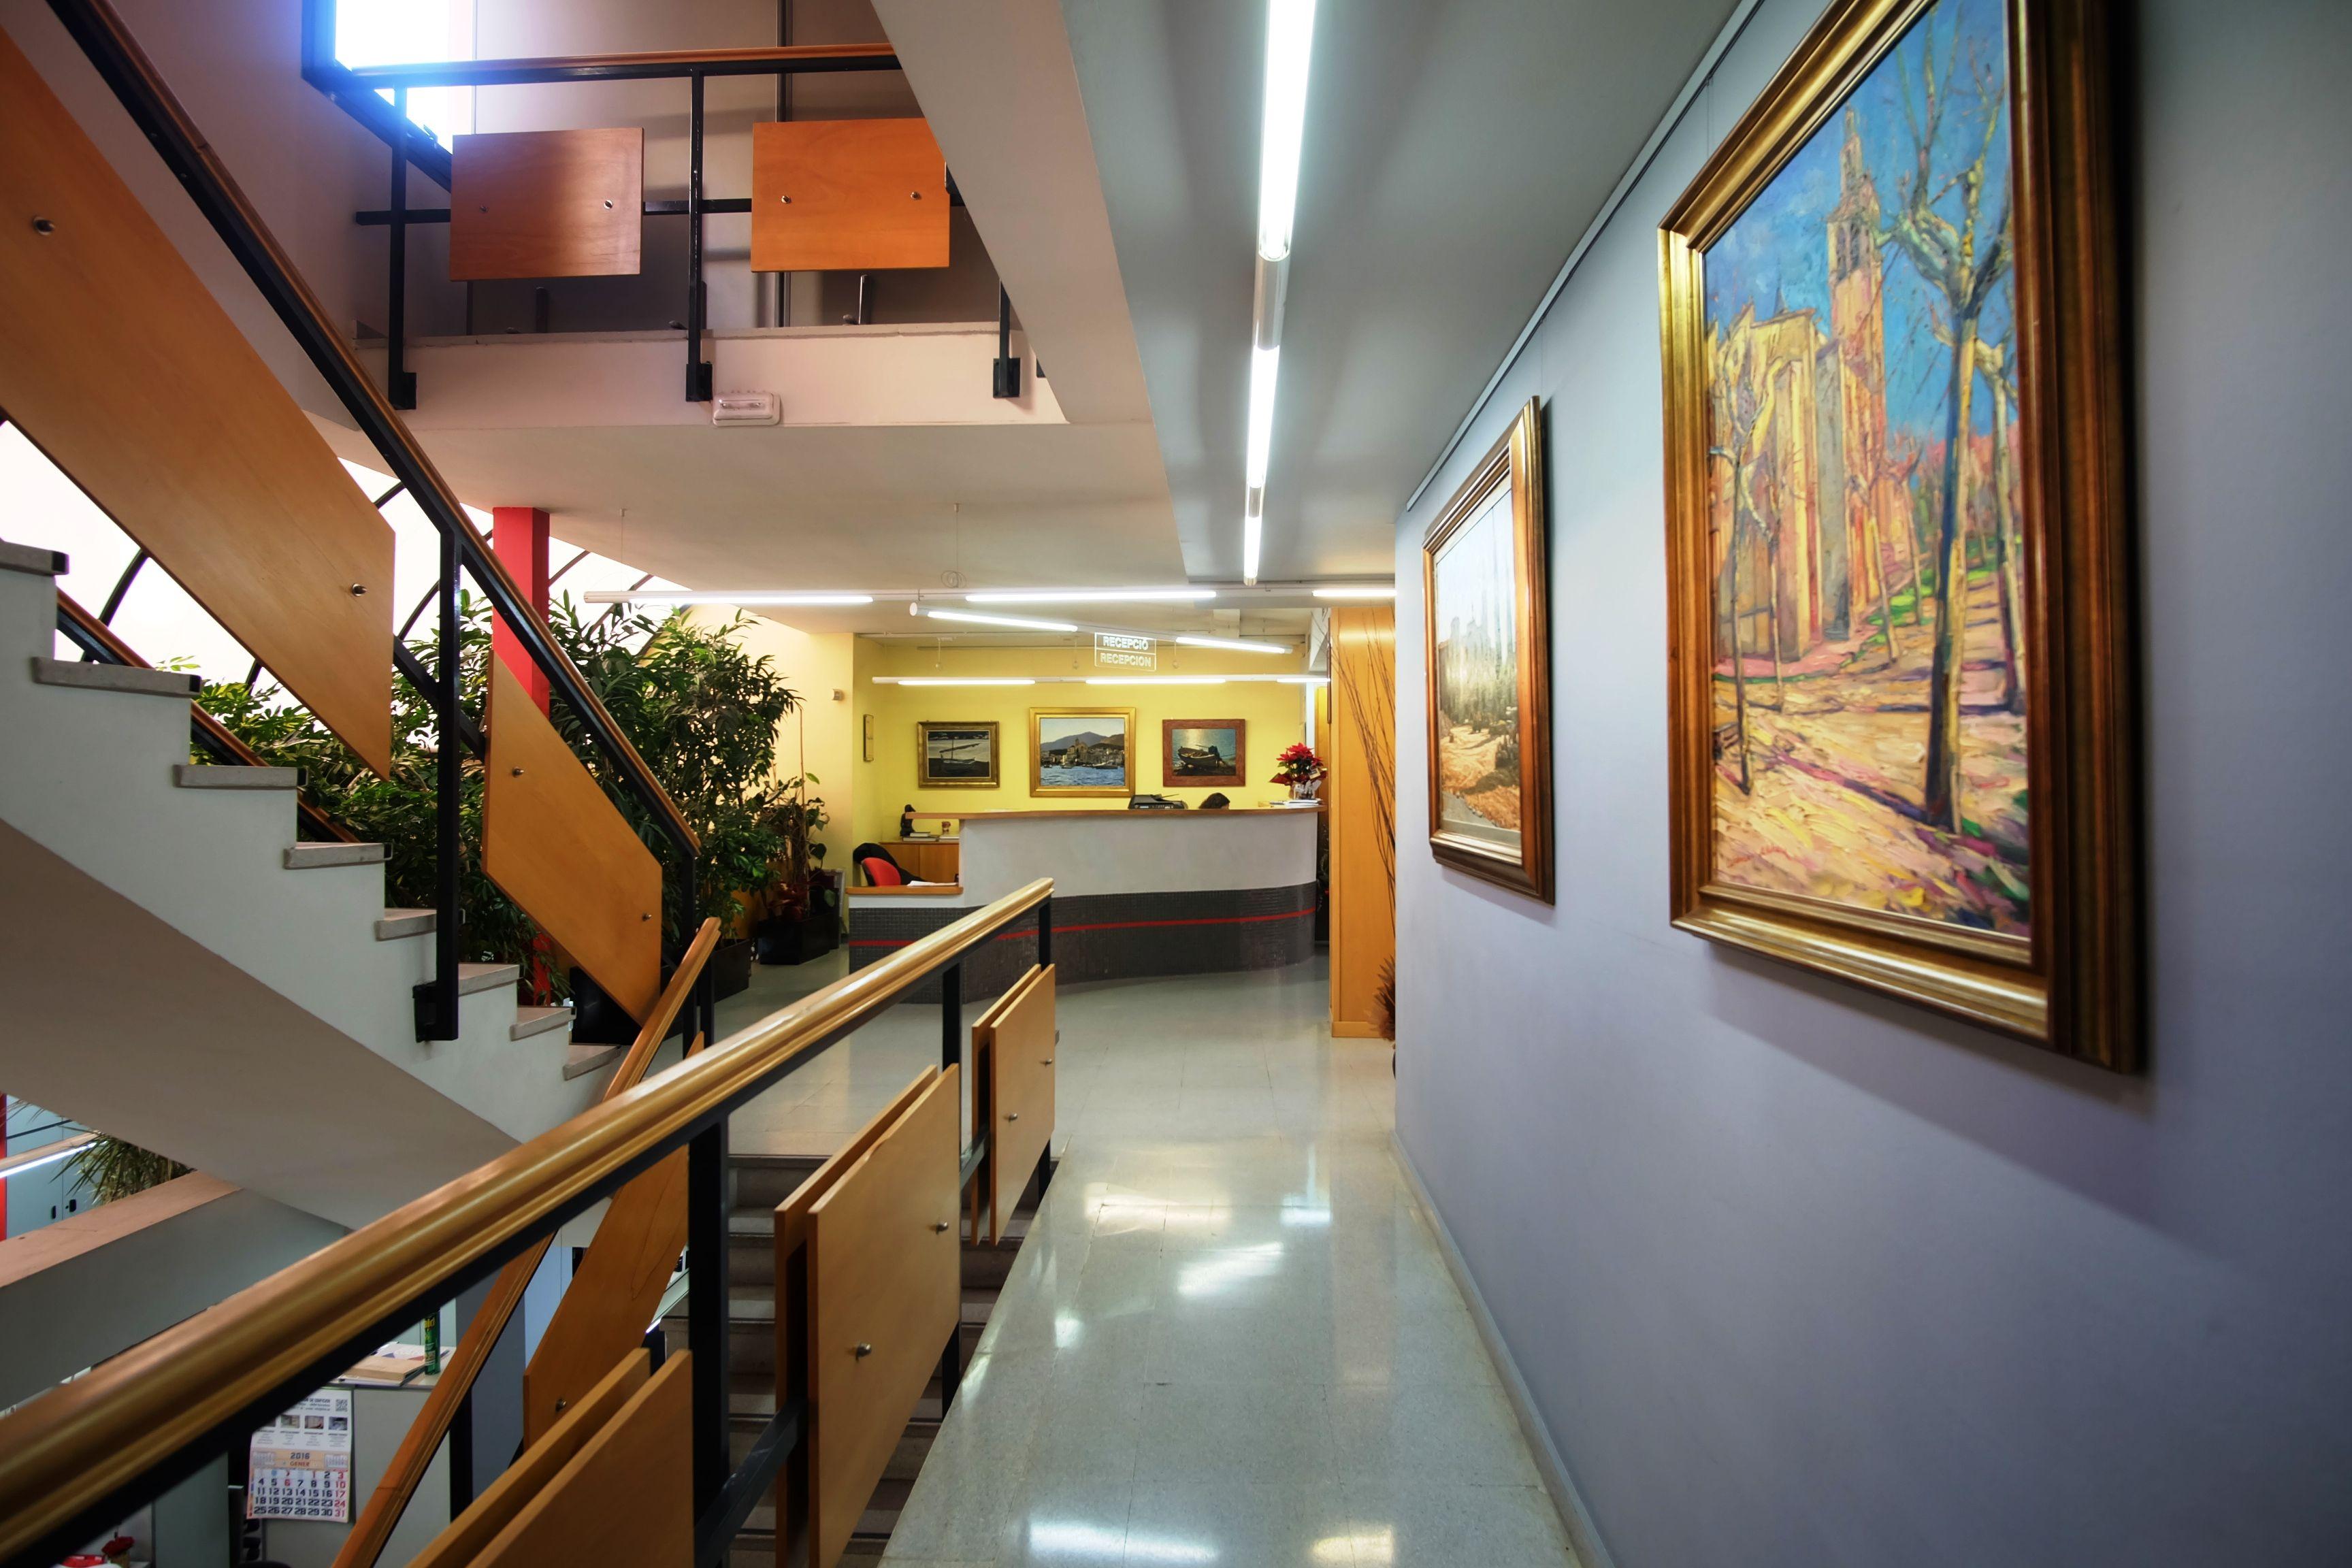 Fotografia de l'interior de la immobiliària